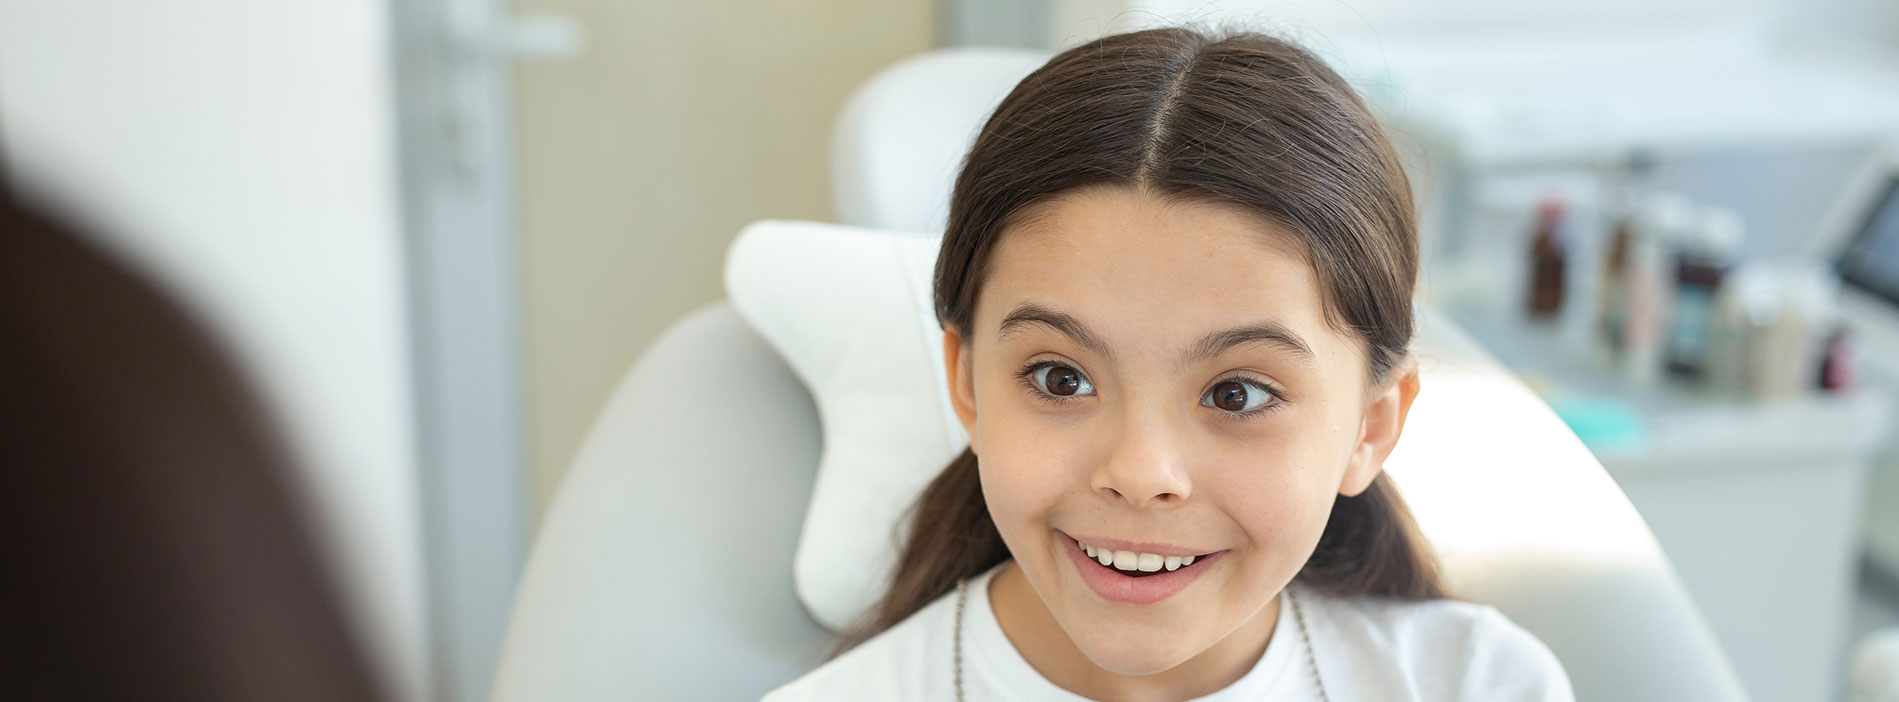 Kid smiling at dental clinic